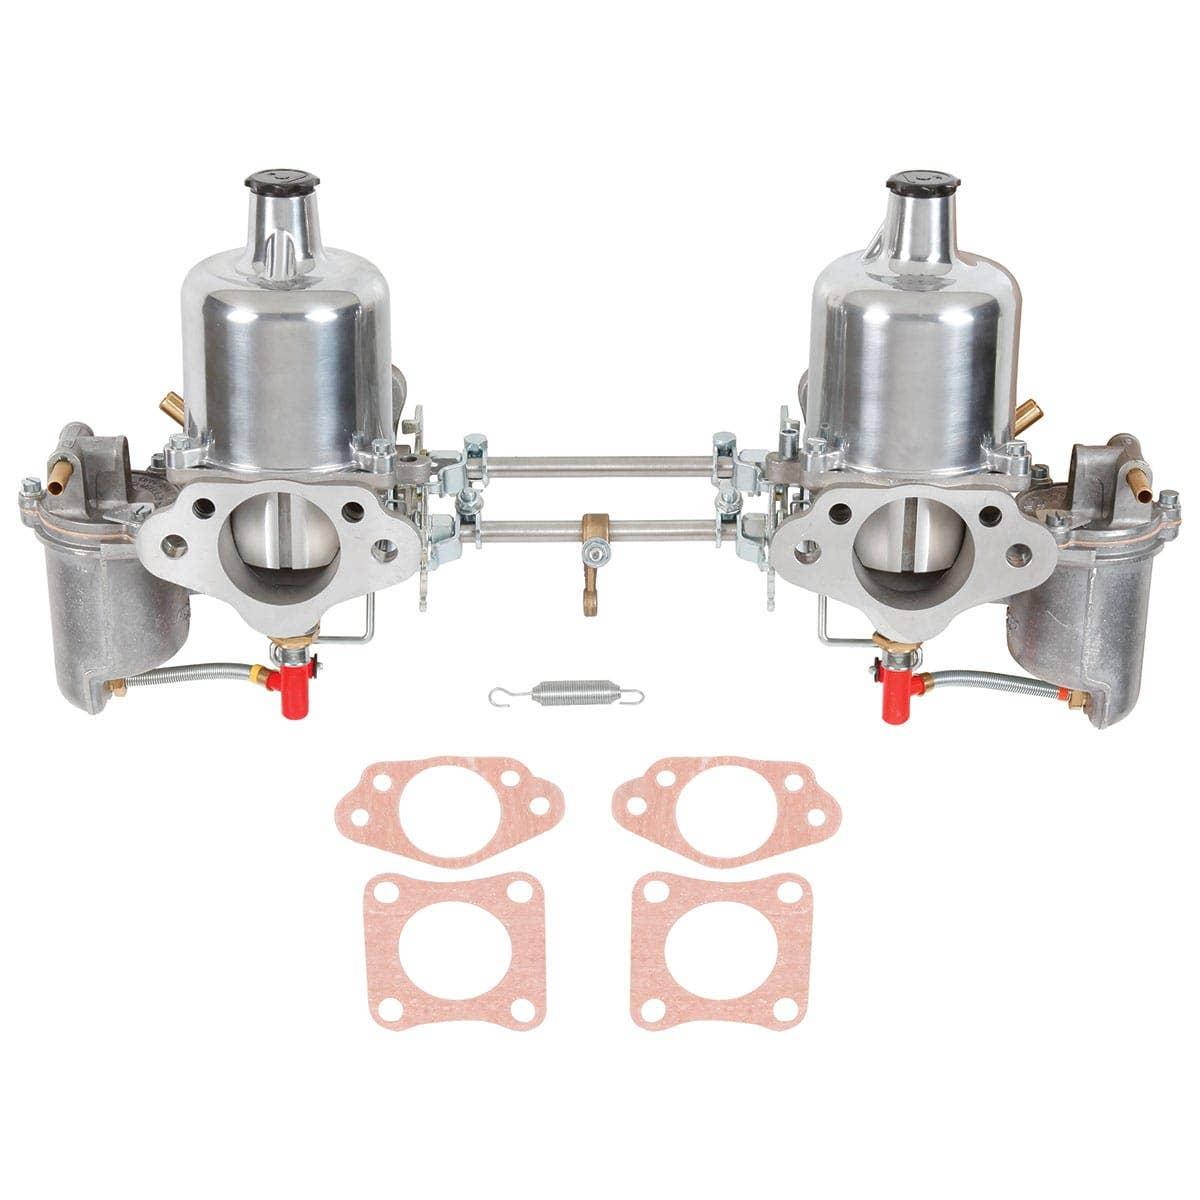 366 418 Hs6 Carburetor Conversion Kit With Heatshield By Genuine Su Fuel Pump Diagram Kits Stage 1